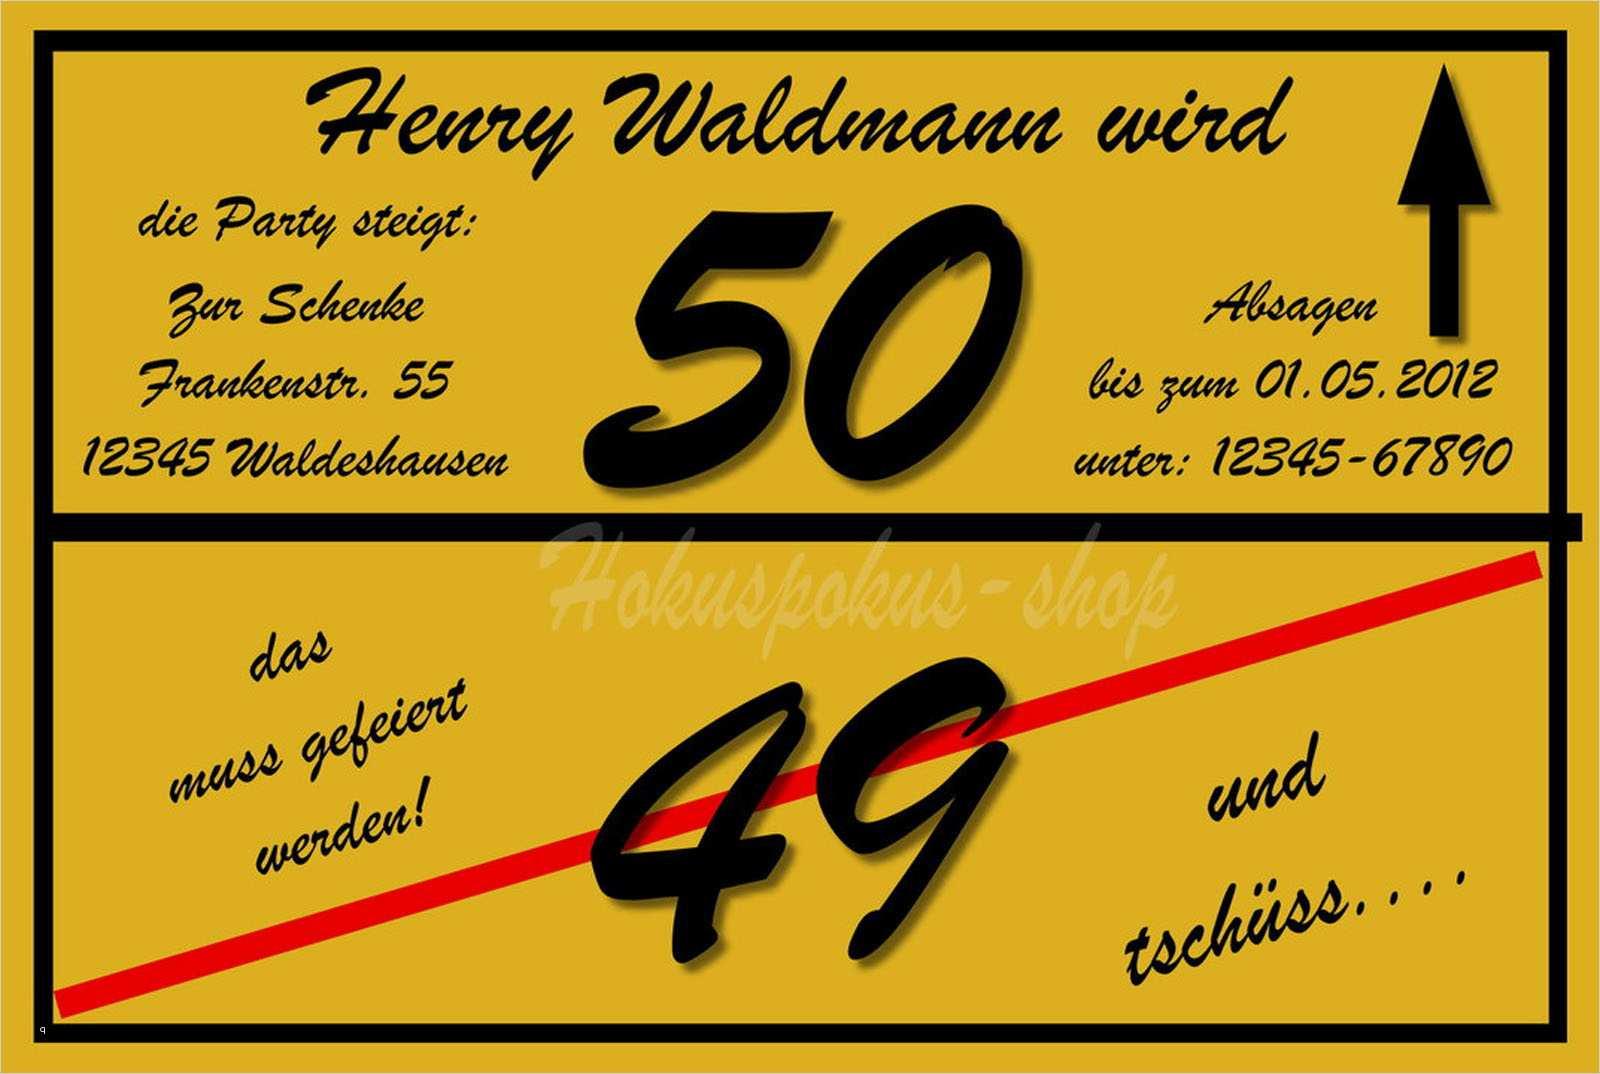 L 50 Geburtstag Einladung Gratis Vorlagen 6